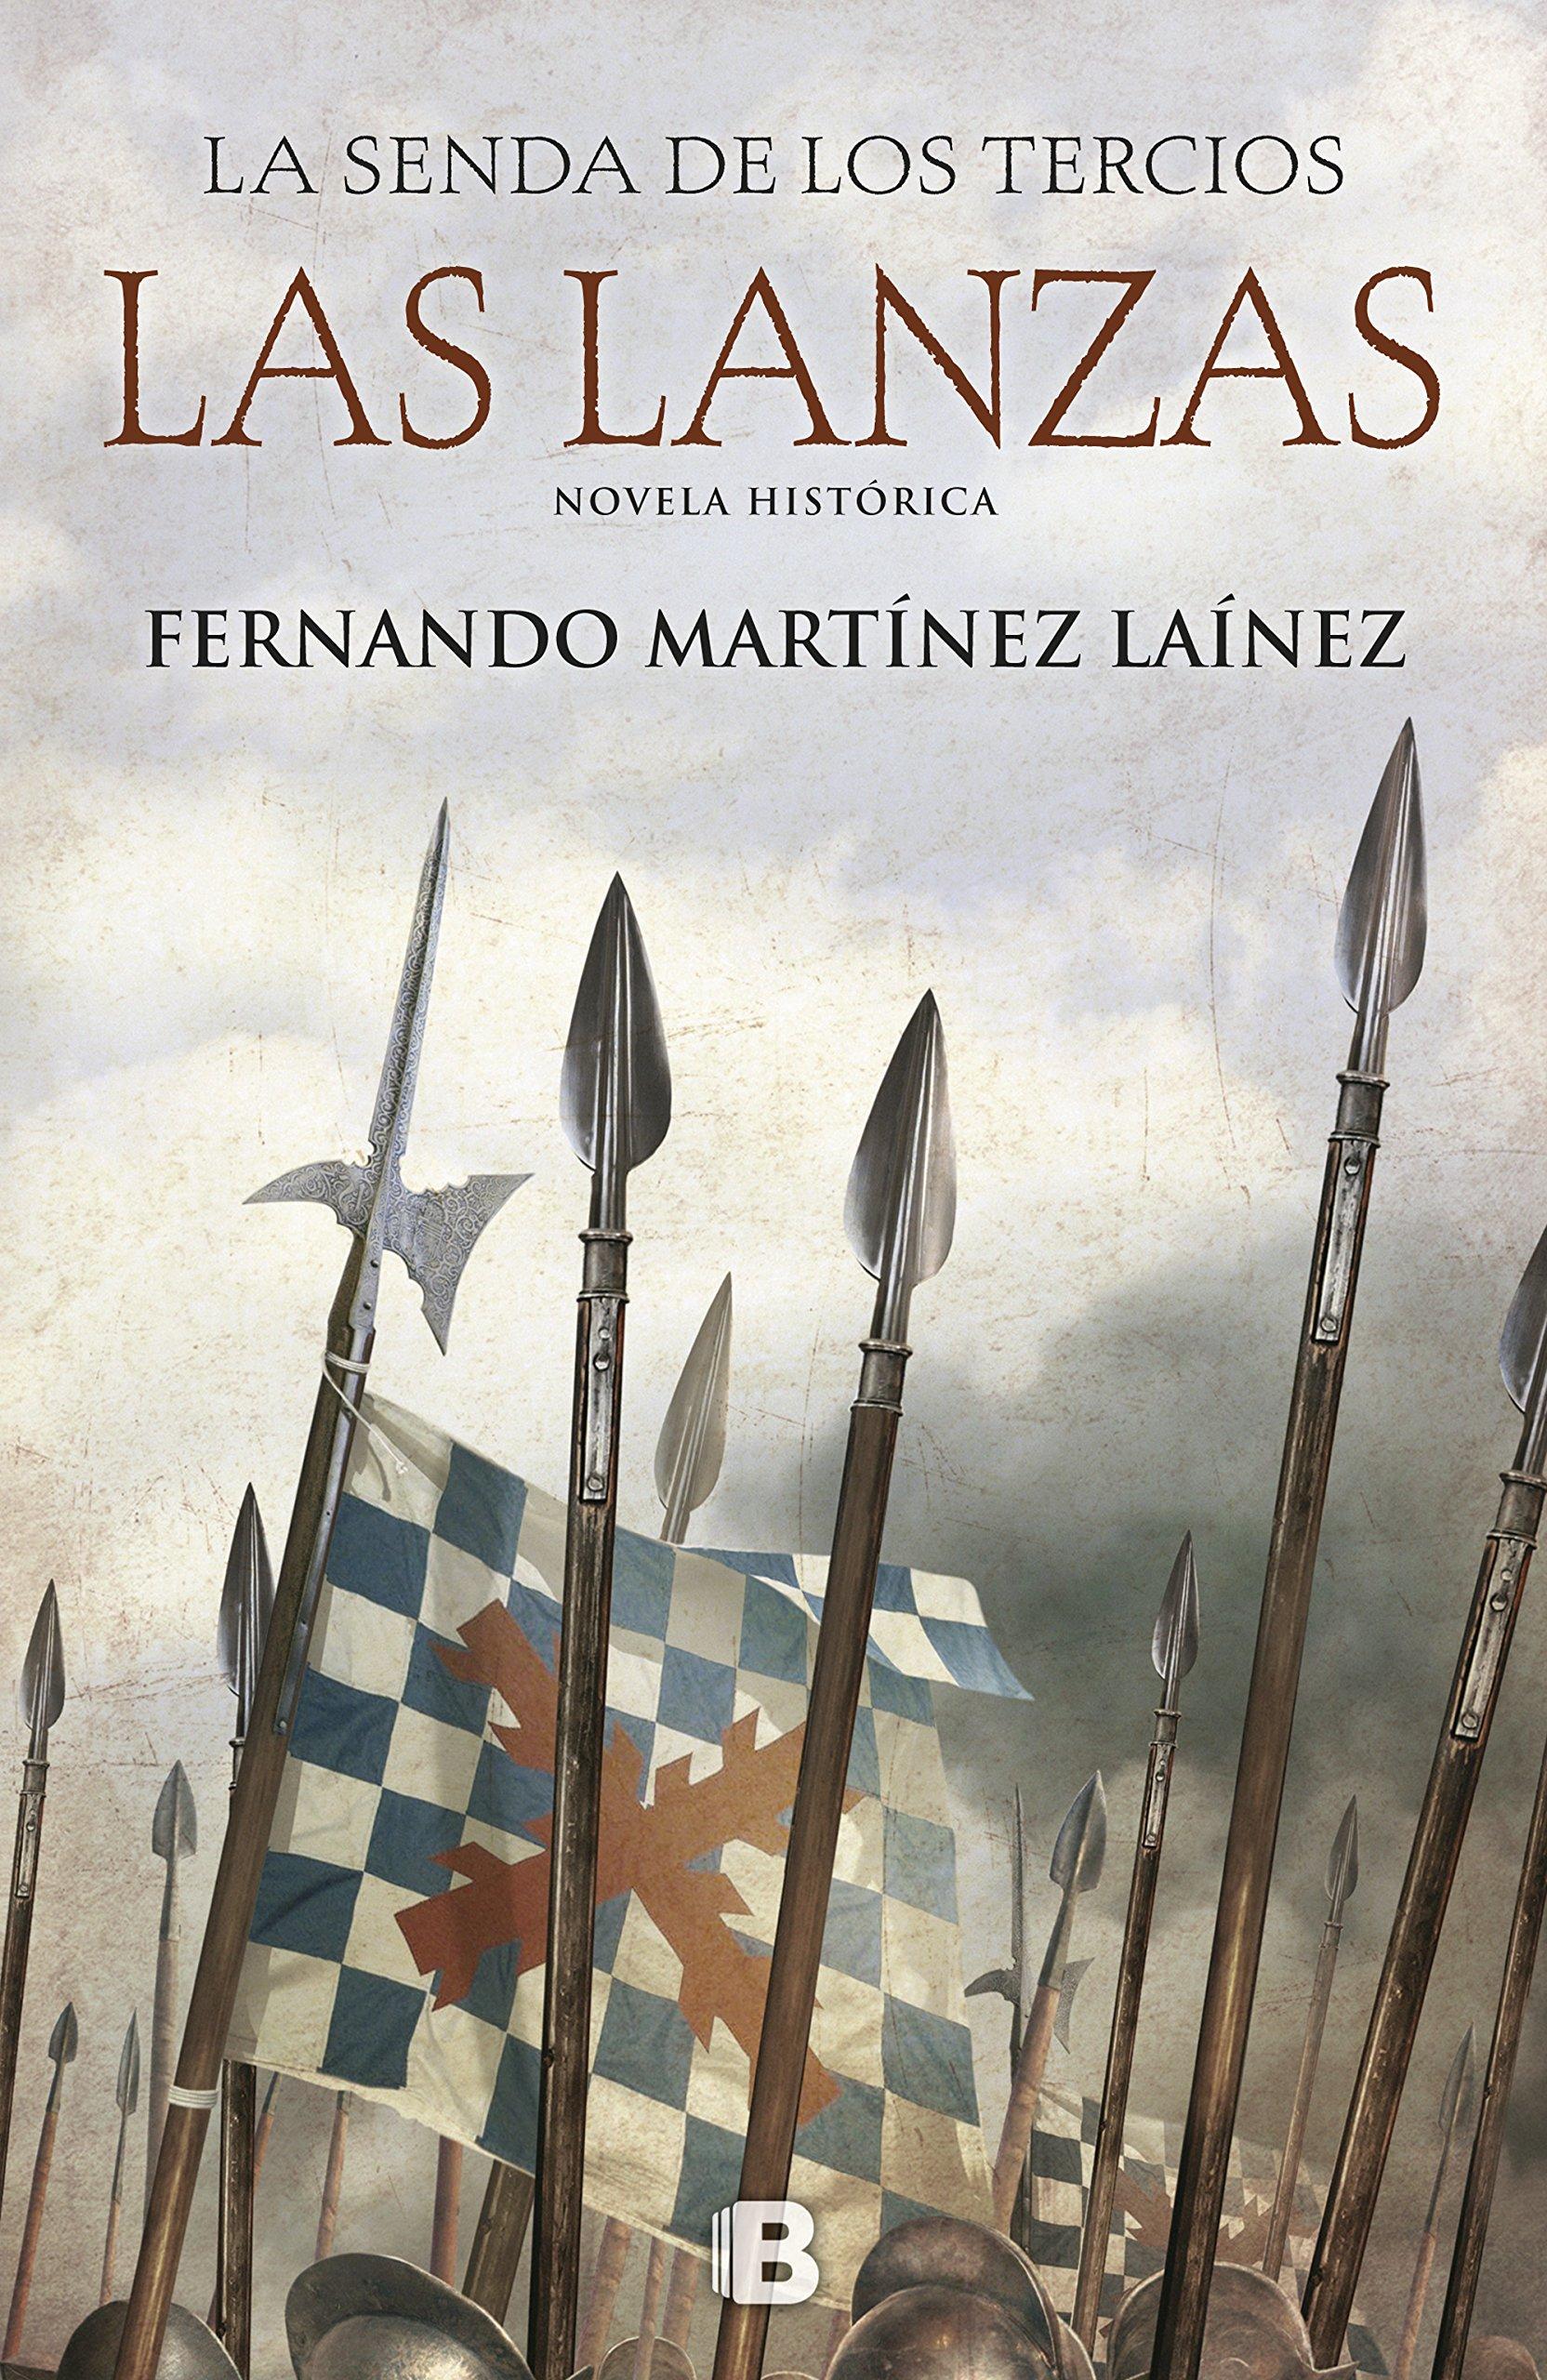 Las lanzas (La senda de los Tercios 1) (HISTÓRICA) Tapa dura – 13 sep 2017 Fernando Martínez Laínez B (Ediciones B) 8466661247 FICTION / War & Military